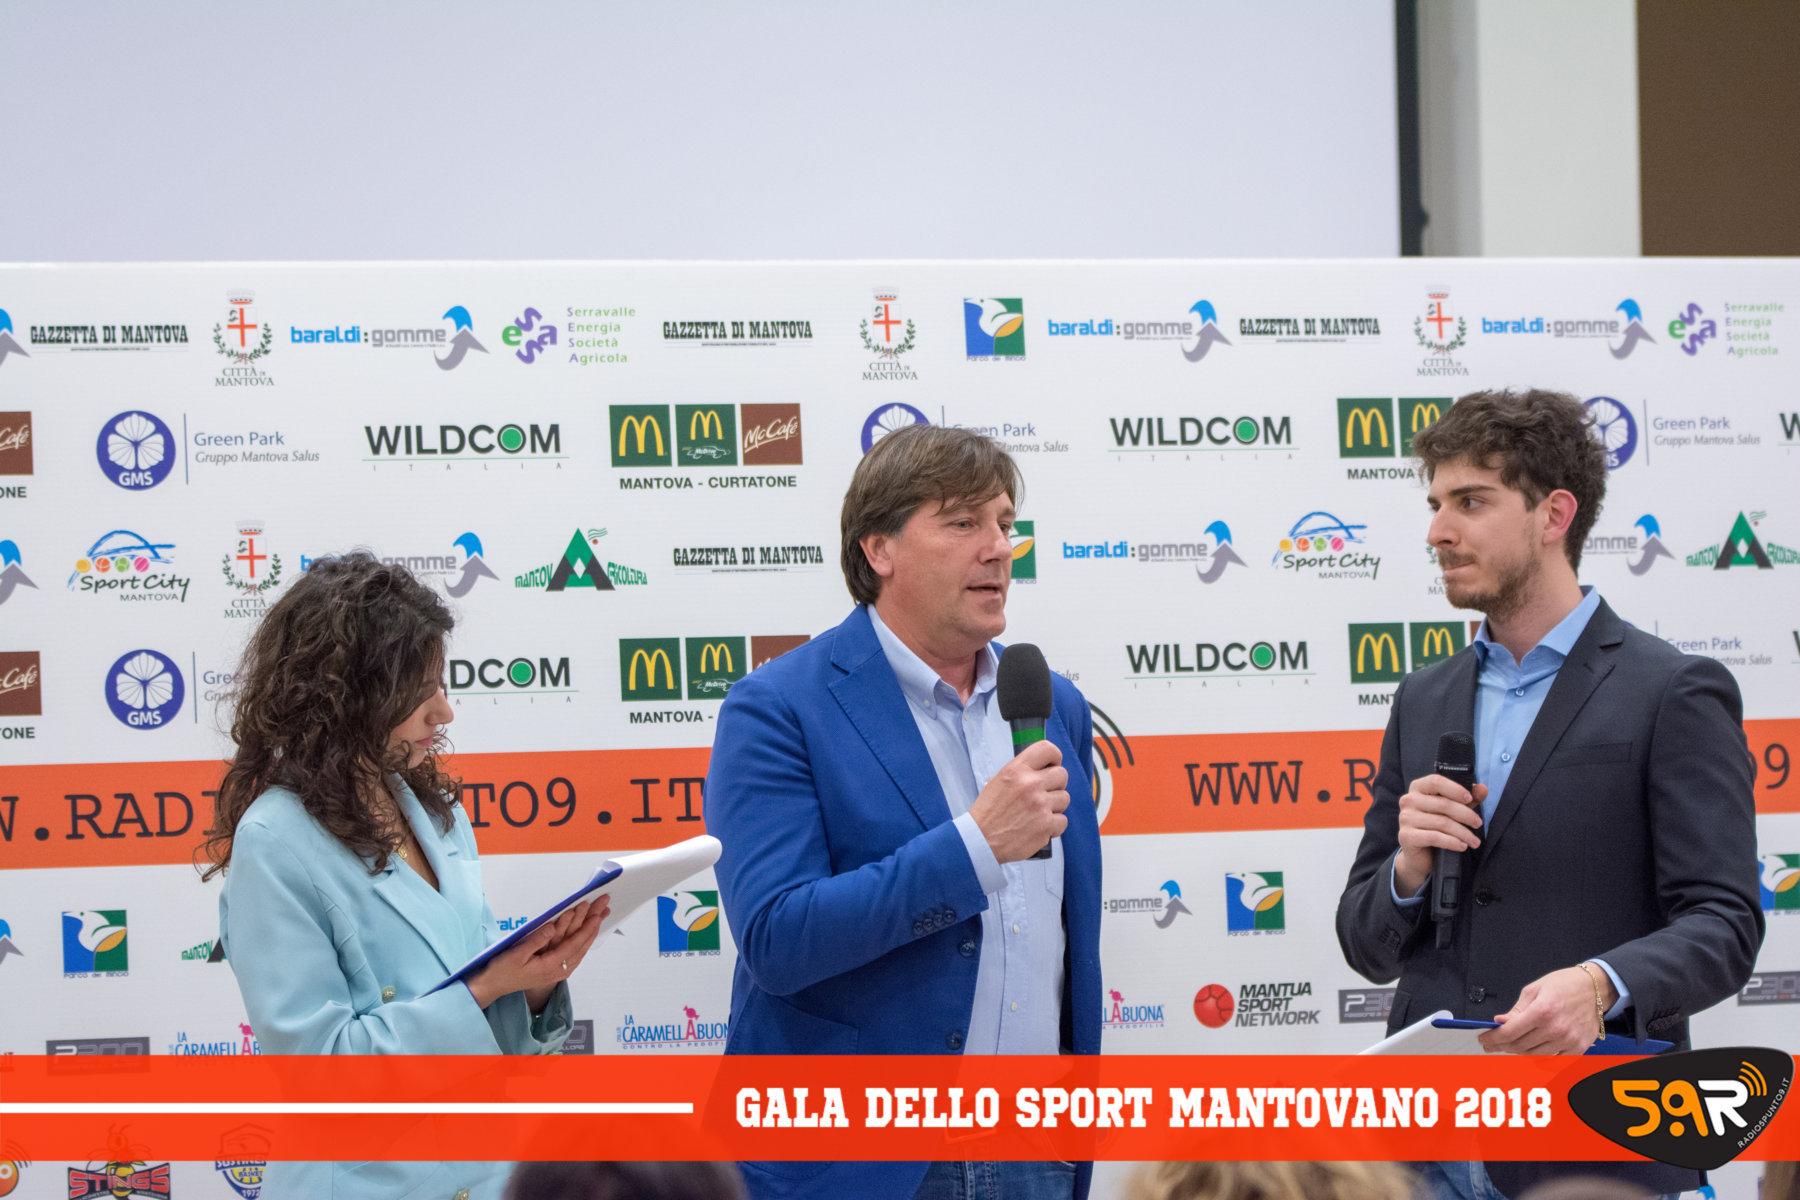 Gala dello Sport Mantovano 2018 Web Radio 5 (101)